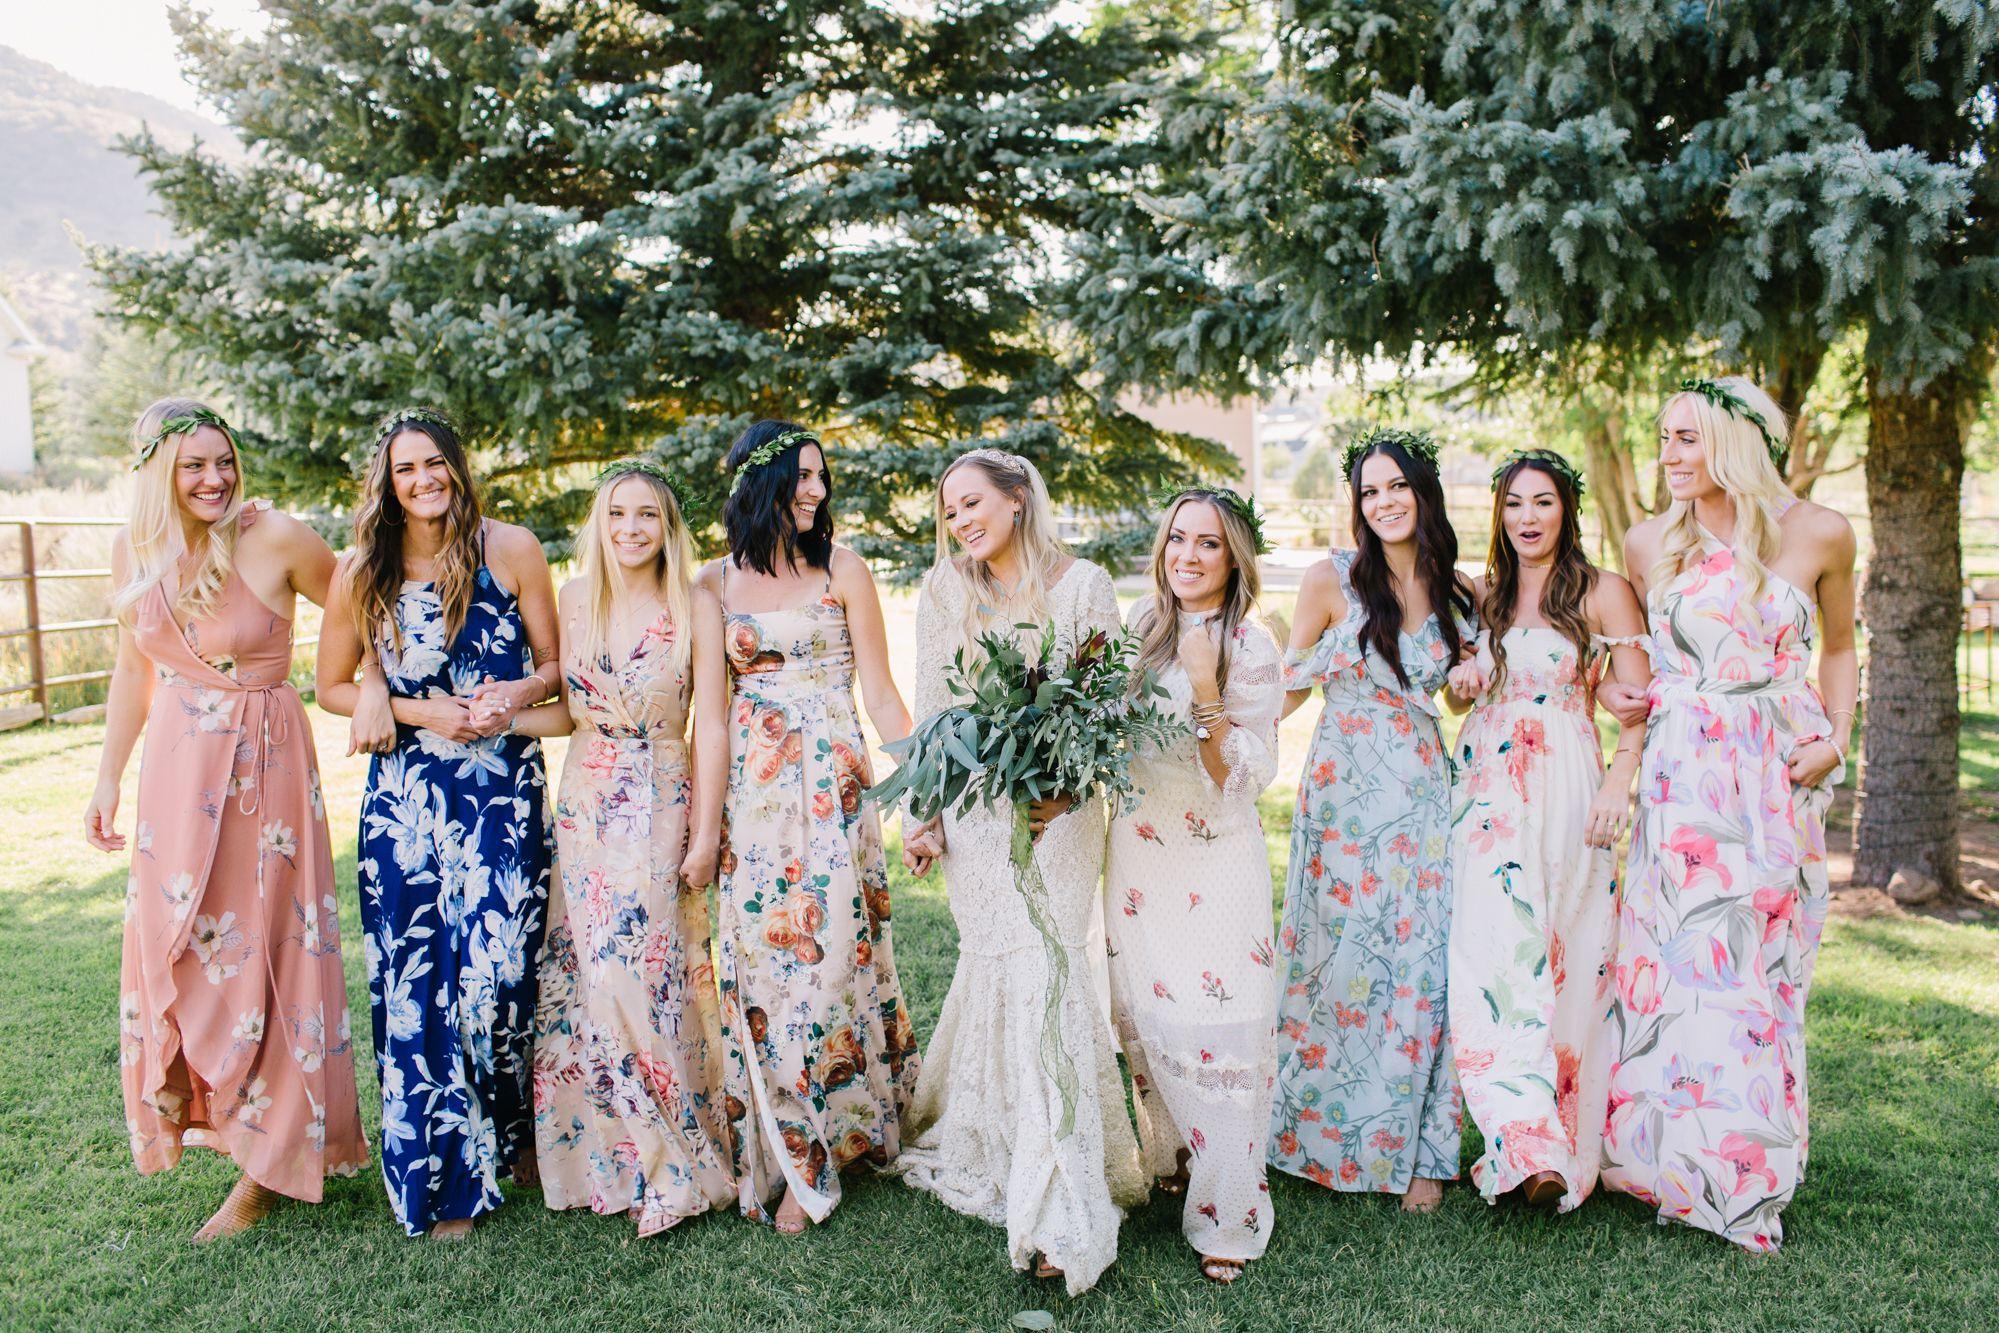 Mismatched Floral Bridesmaid Dresses Floral Bridesmaid Dresses Mismatched Floral Bridesmaid Dresses Casual Bridesmaid Dresses